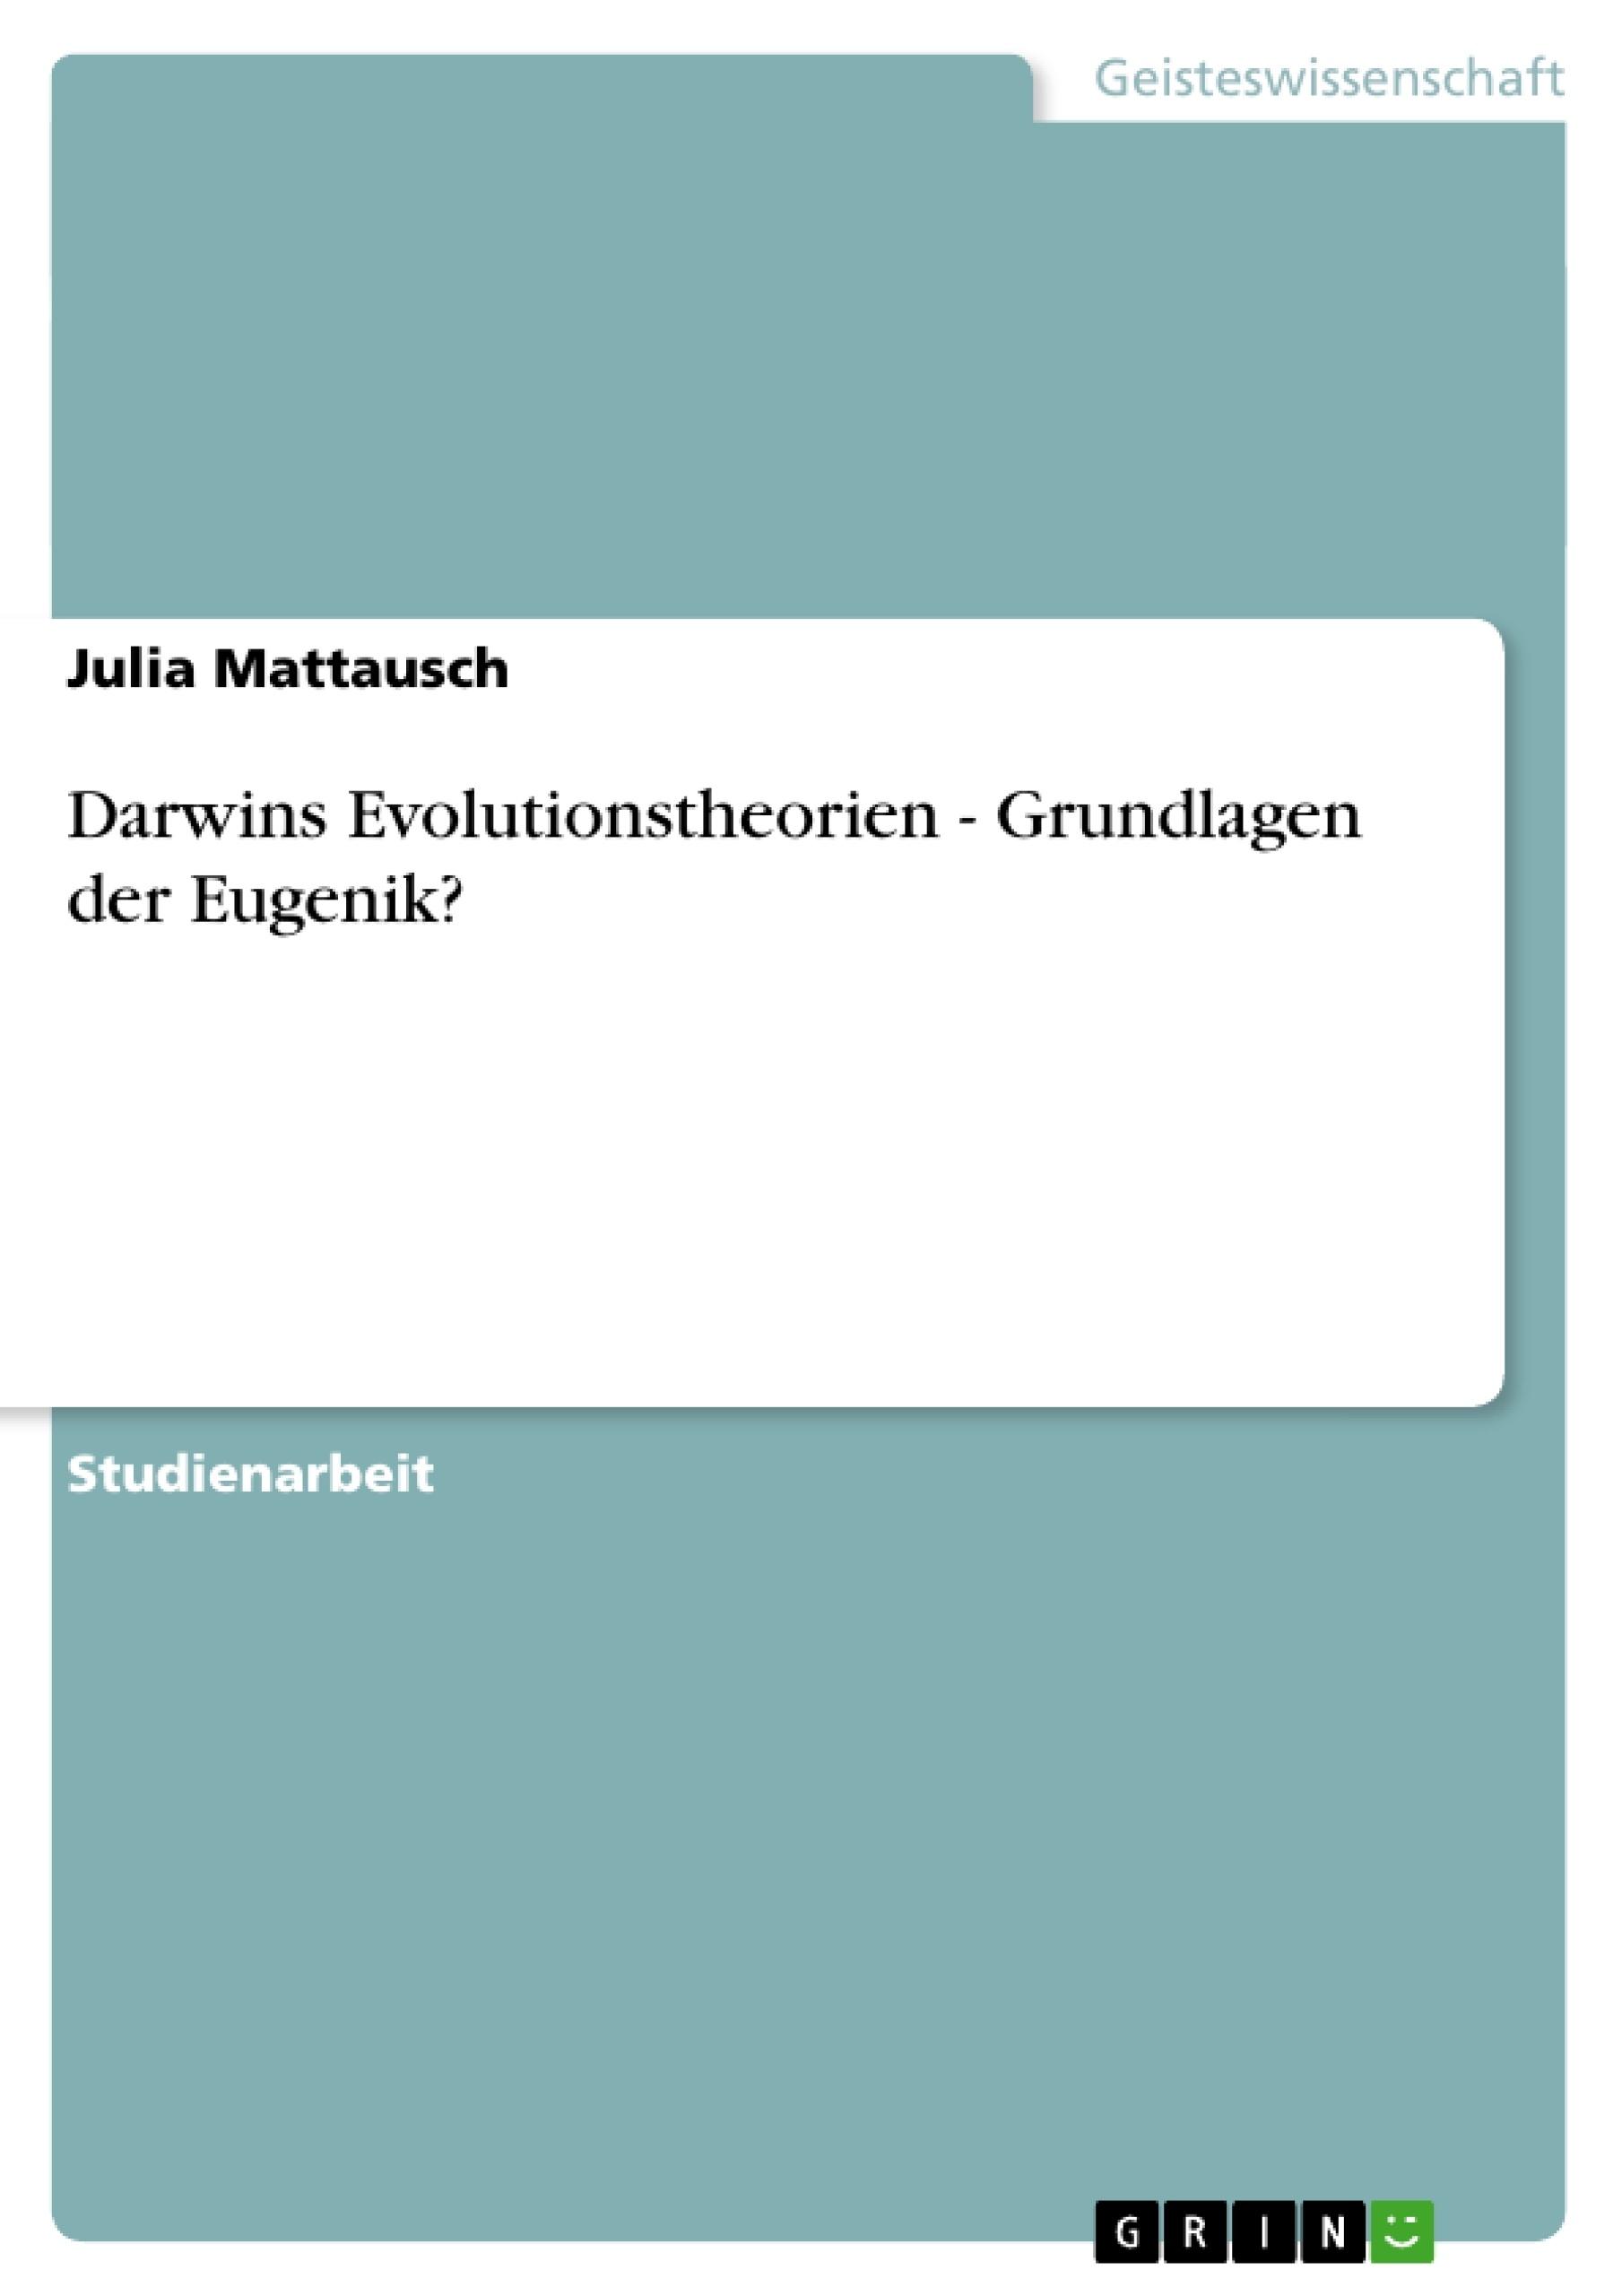 Titel: Darwins Evolutionstheorien - Grundlagen der Eugenik?